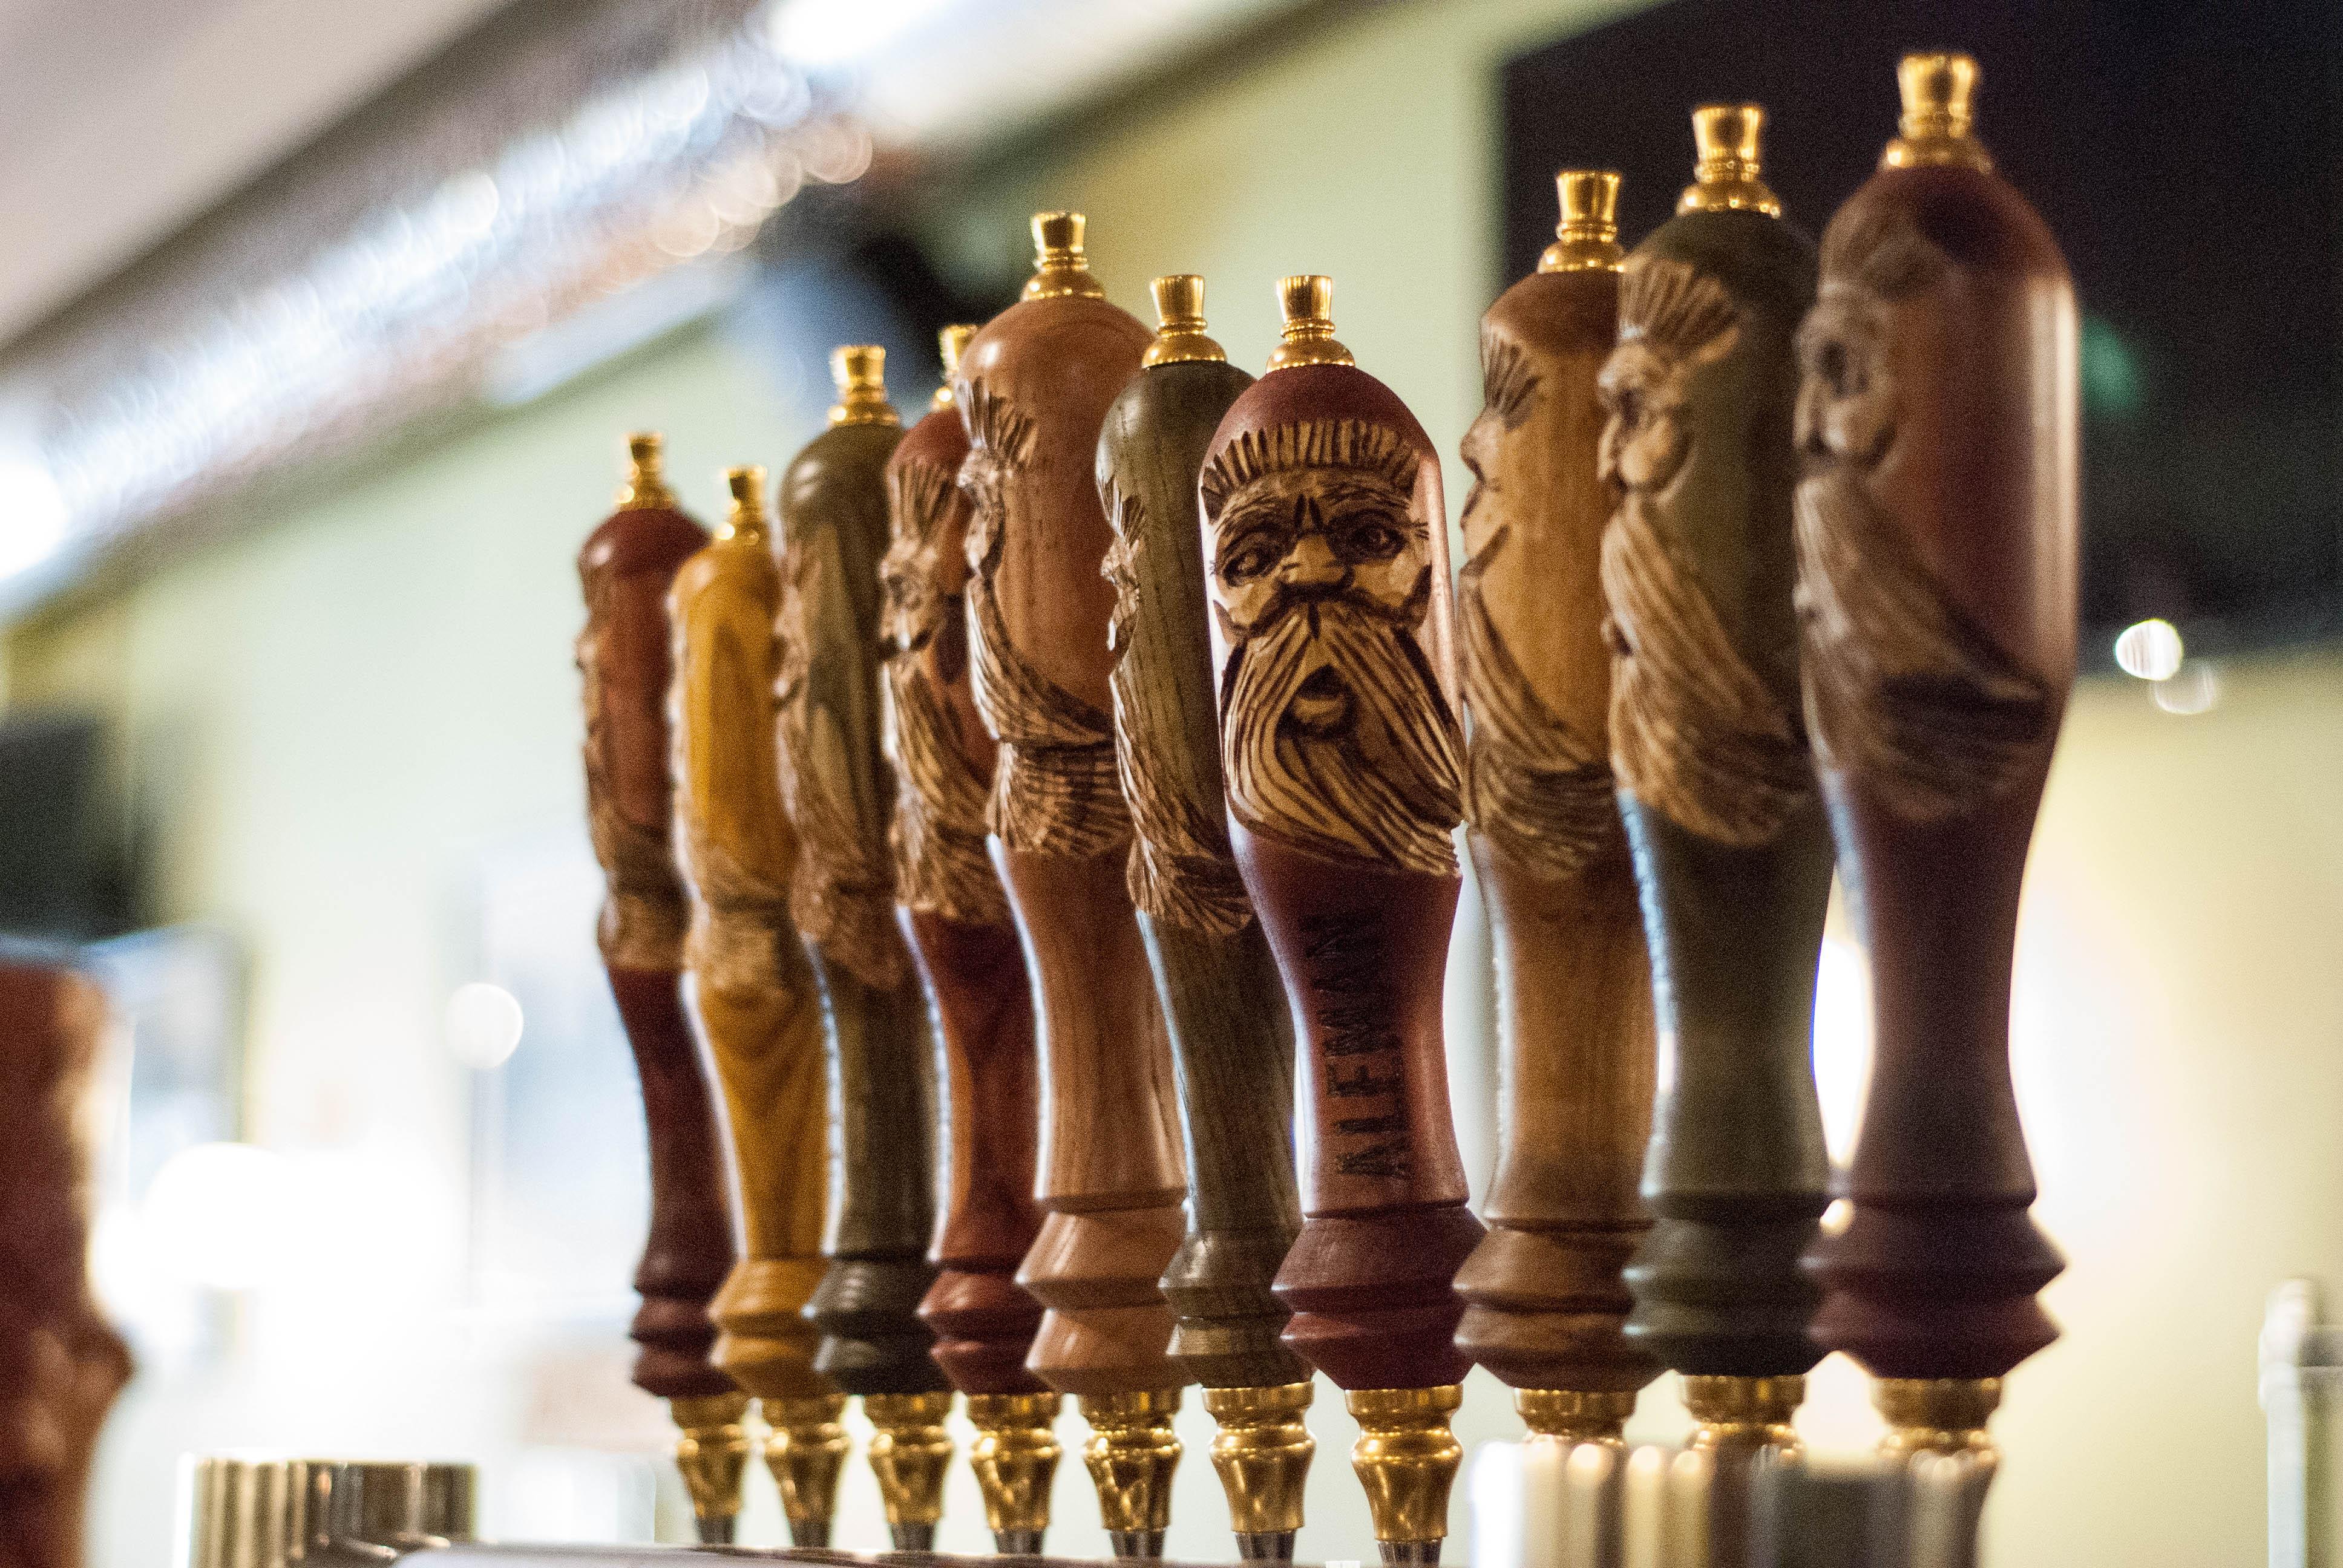 tap handles3